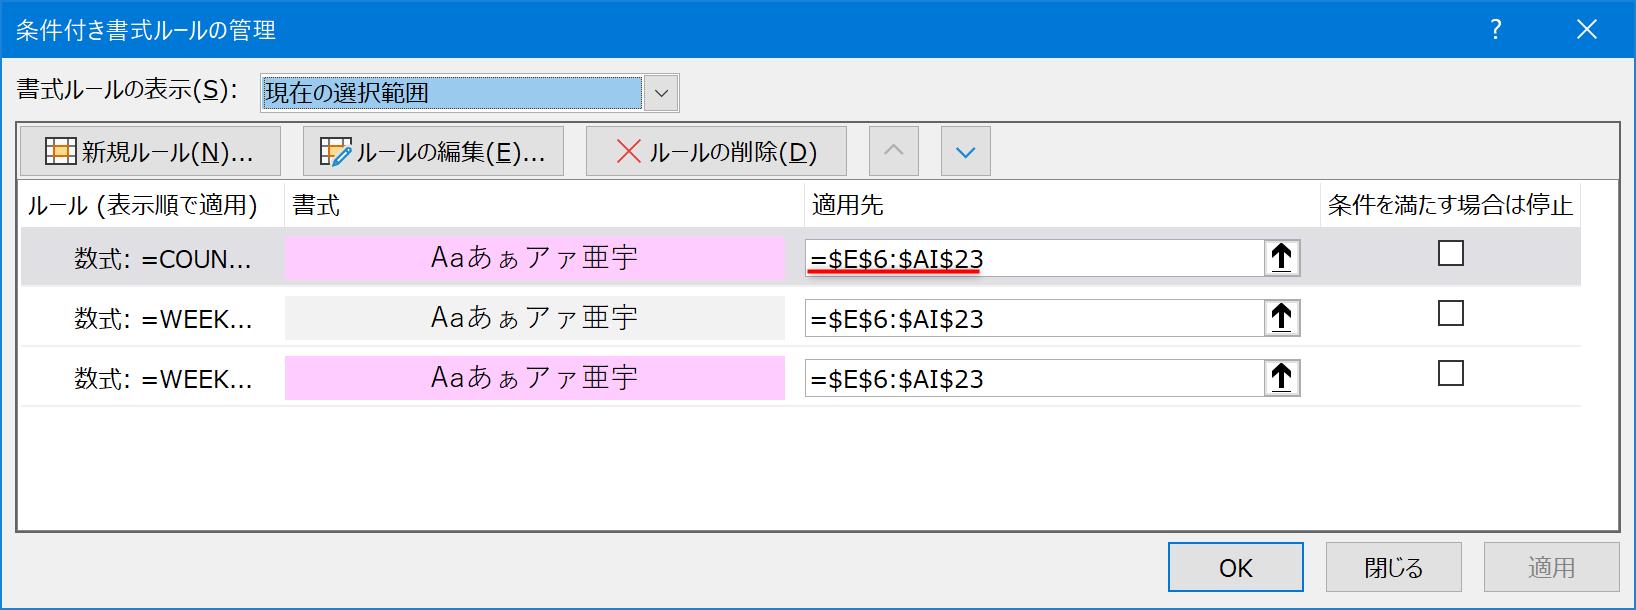 Excelシフト表動画解説記事18